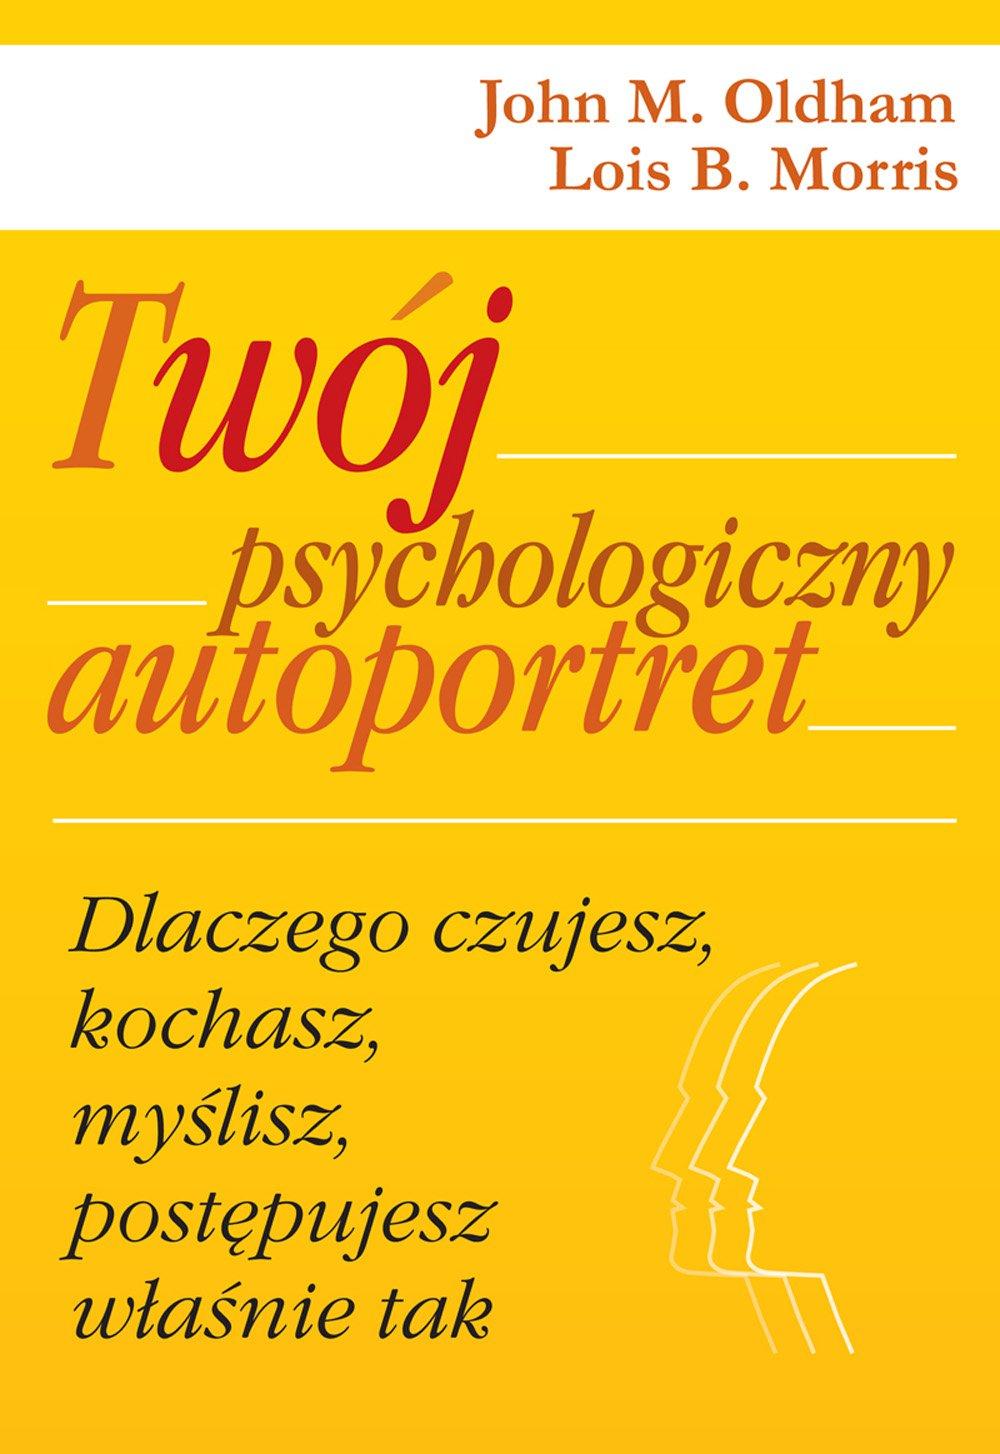 Twój psychologiczny autoportret - Ebook (Książka na Kindle) do pobrania w formacie MOBI